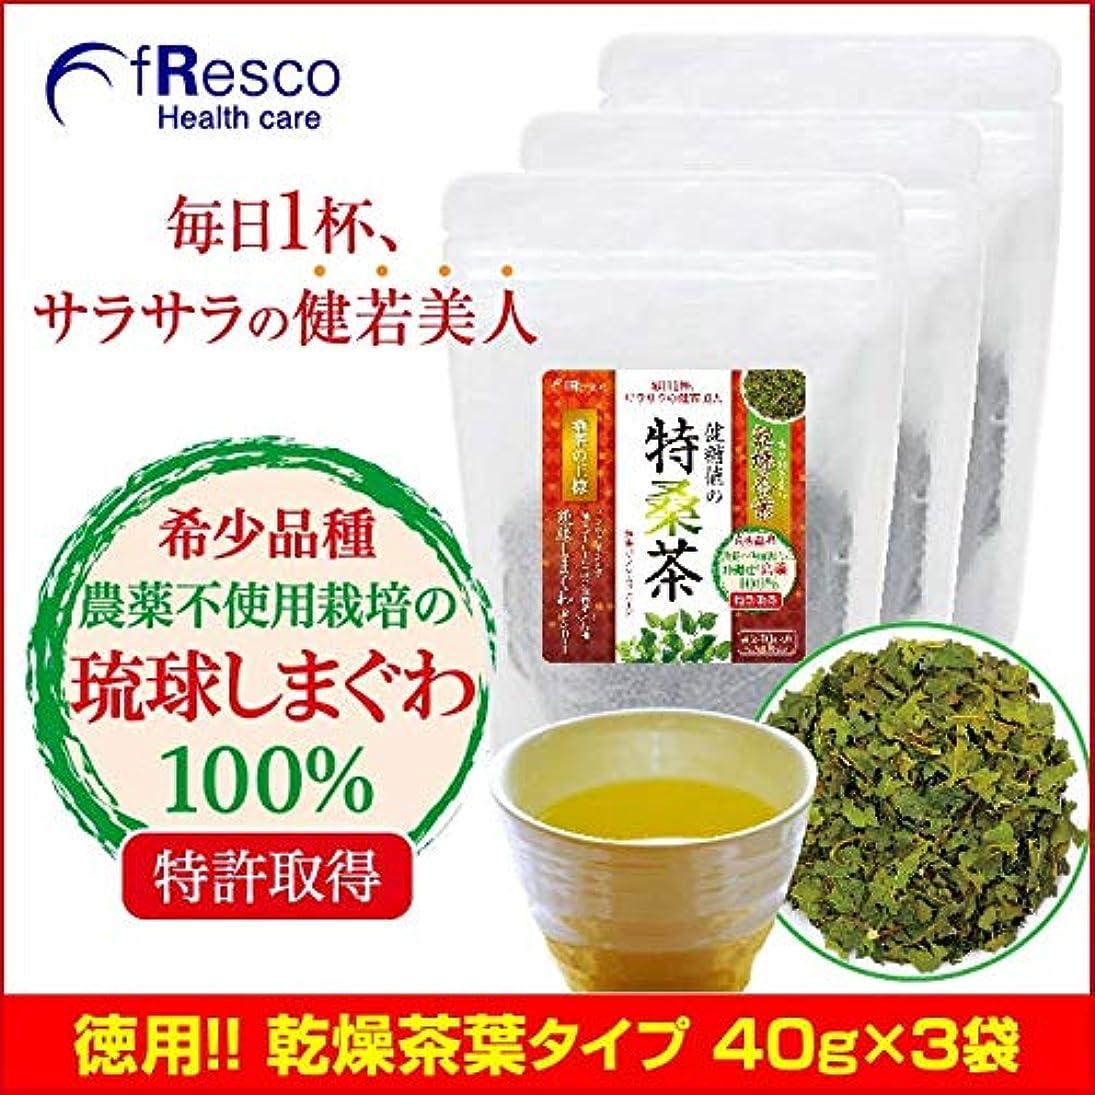 なので取り壊すシャツ桑茶の王様 琉球しまぐわ 健糖値の特桑茶 乾燥茶葉40g 90日分(3個セット)